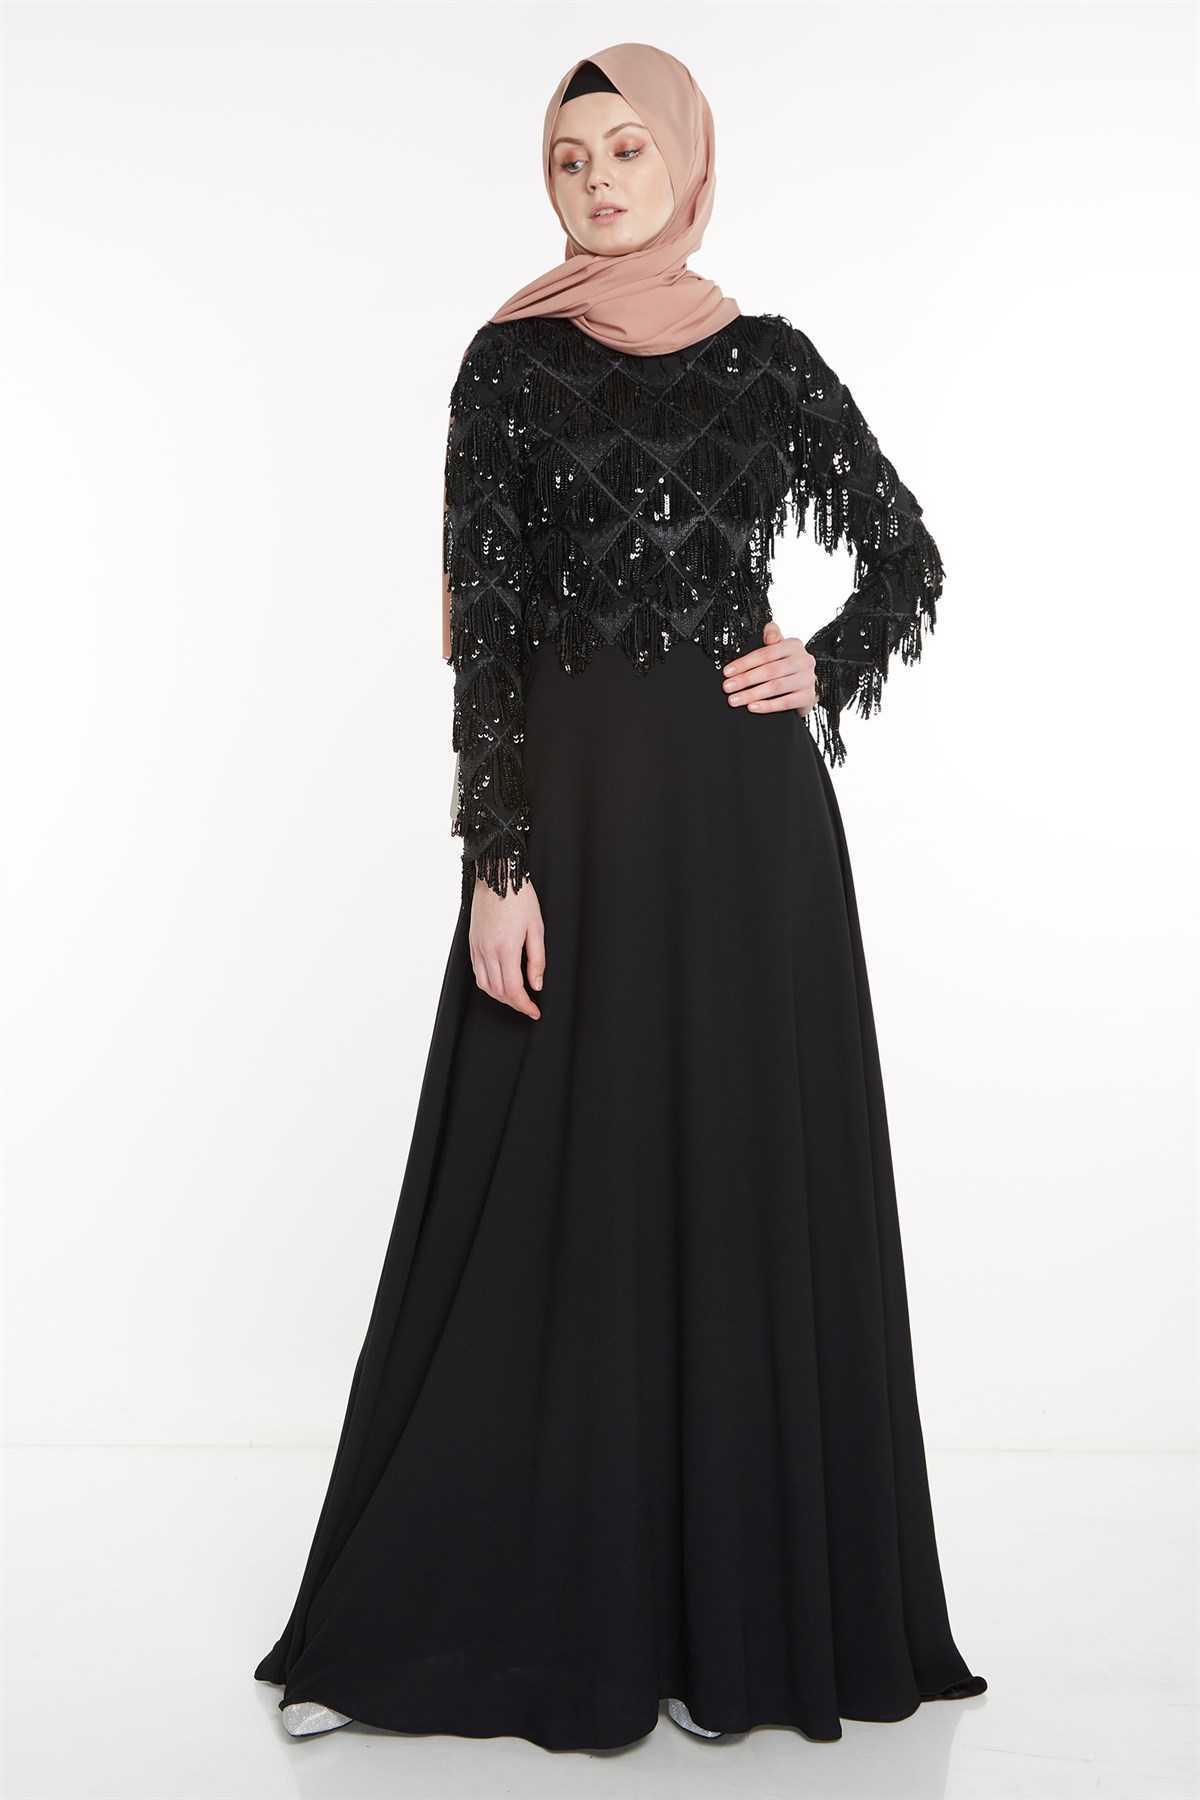 Nihan Pullu Tesettür Siyah Abiye Elbise Modelleri